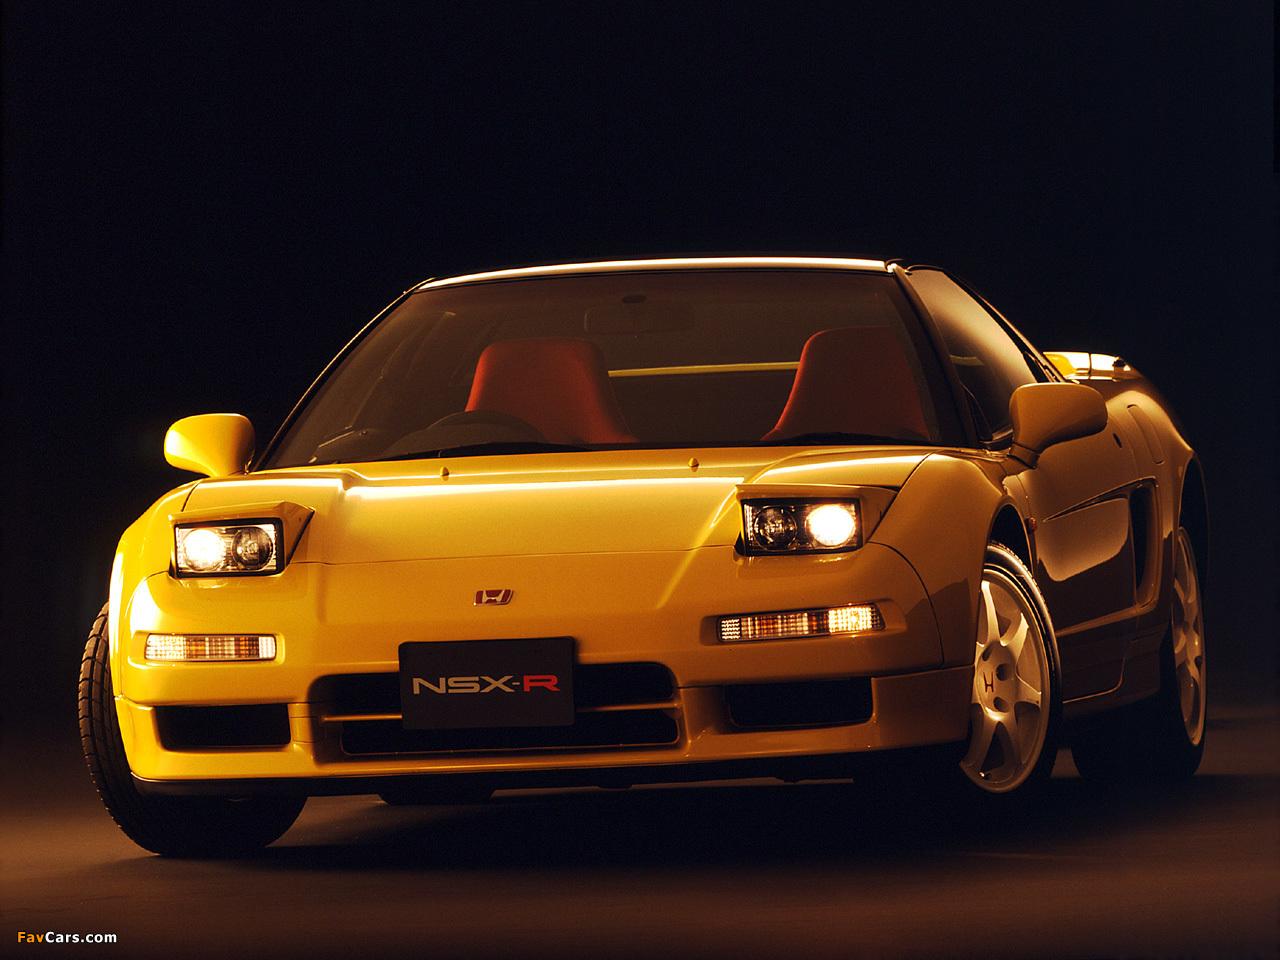 Honda Nsx R Na1 1992 95 Wallpapers 1280x960